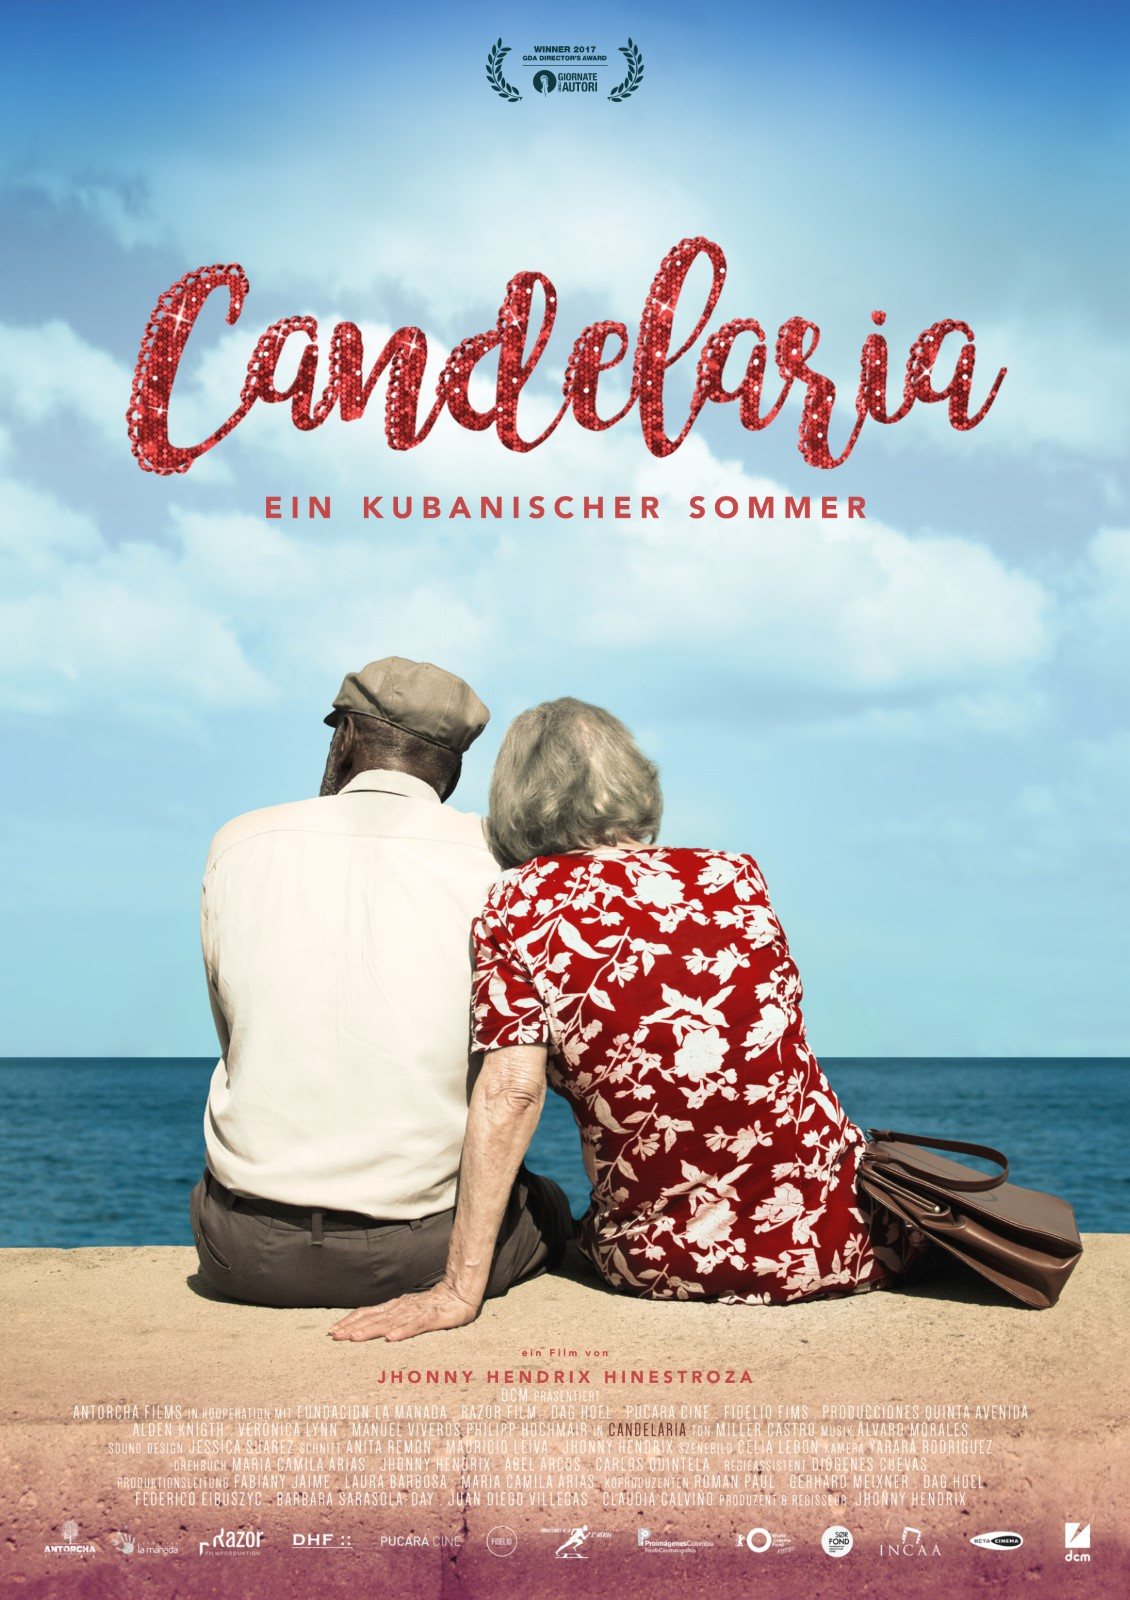 Candelaria - Ein kubanischer Sommer / Candelaria (2017) film auf deutsch stream german online